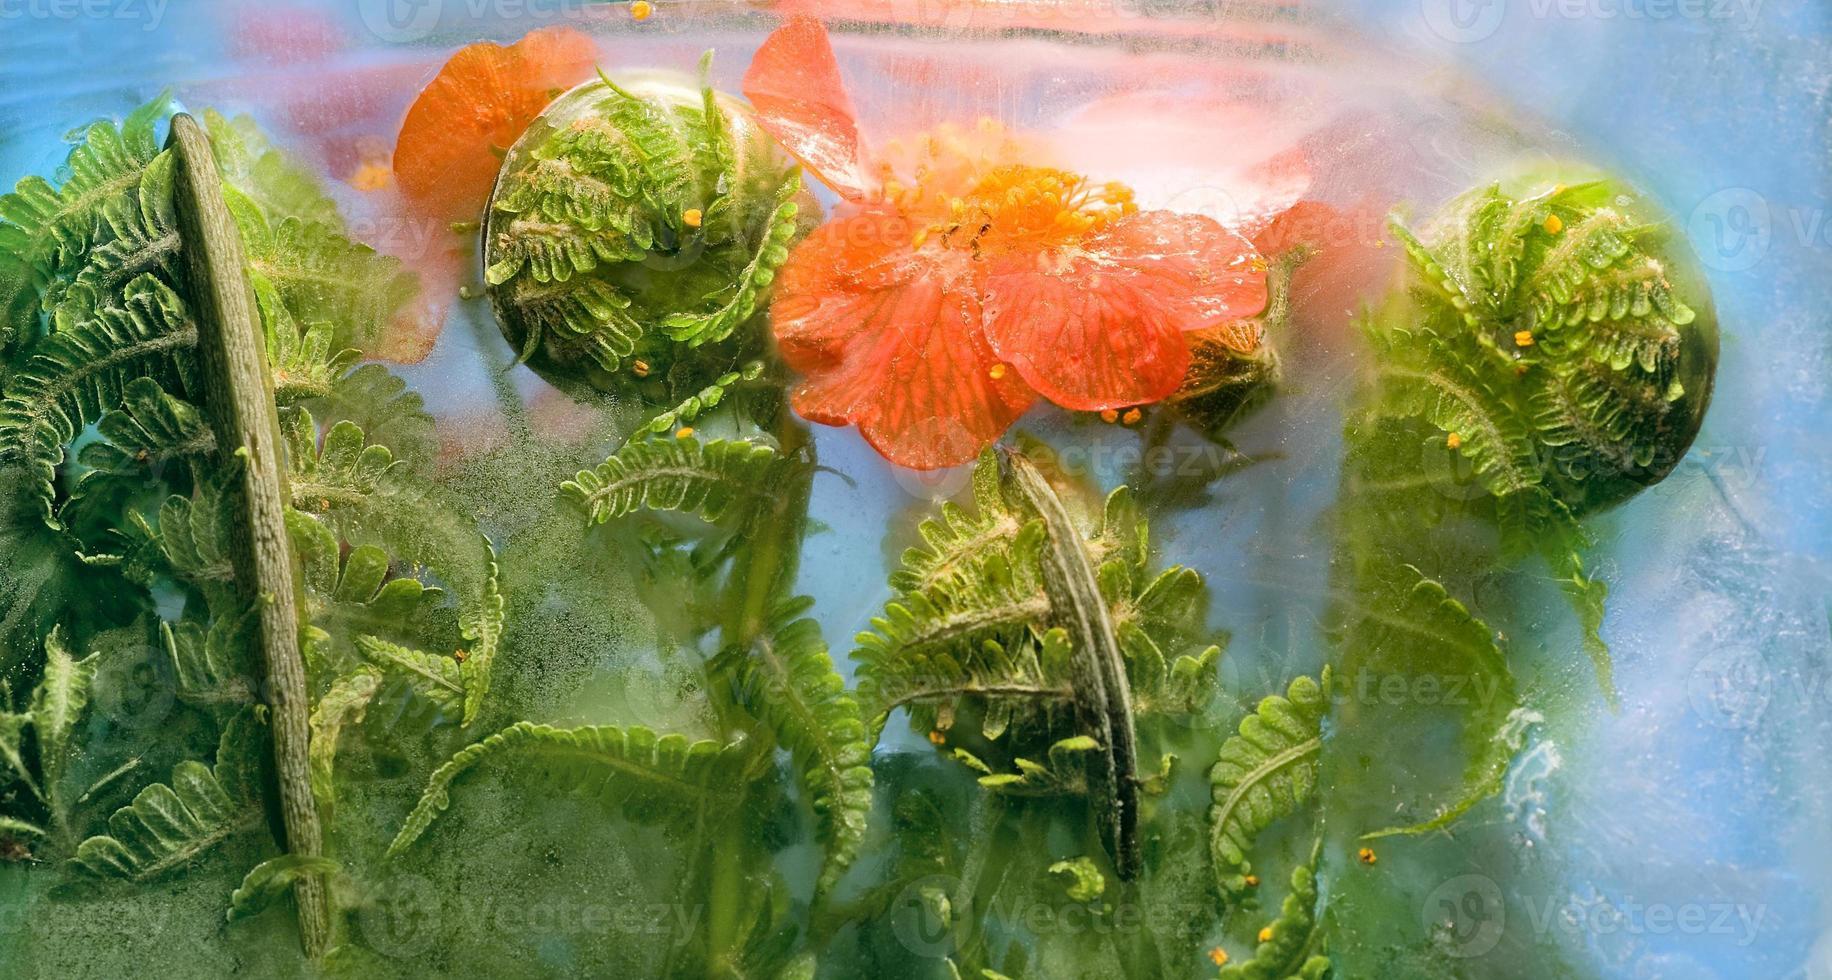 gefrorene Blume von Bennet und Farn foto